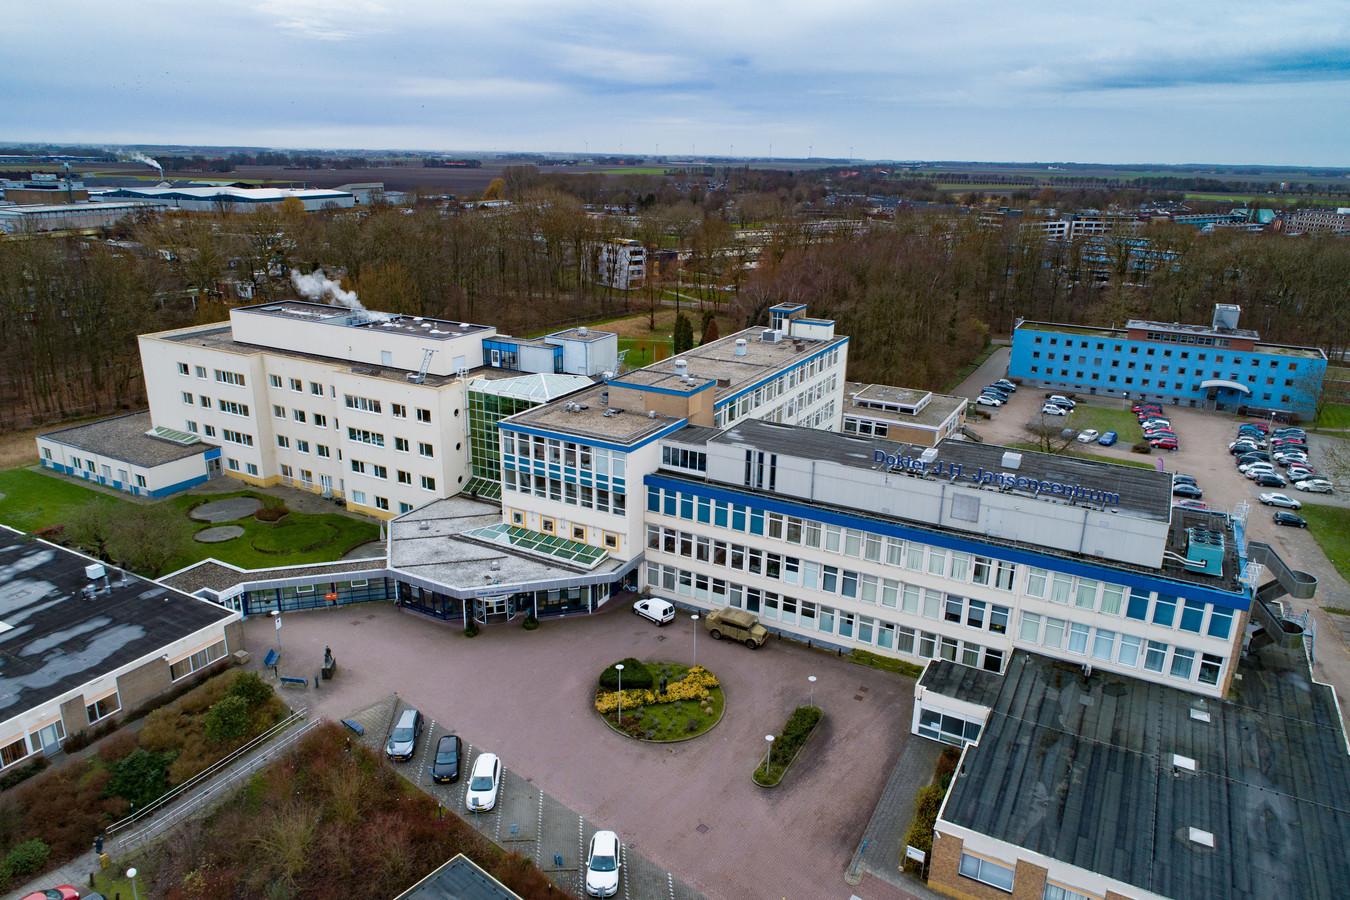 In het Dokter Jansencentrum in Emmeloord was eerst de MC Groep gevestigd. Na het faillissement nam Antonius Zorggroep de polikliniek in het gebouw over.